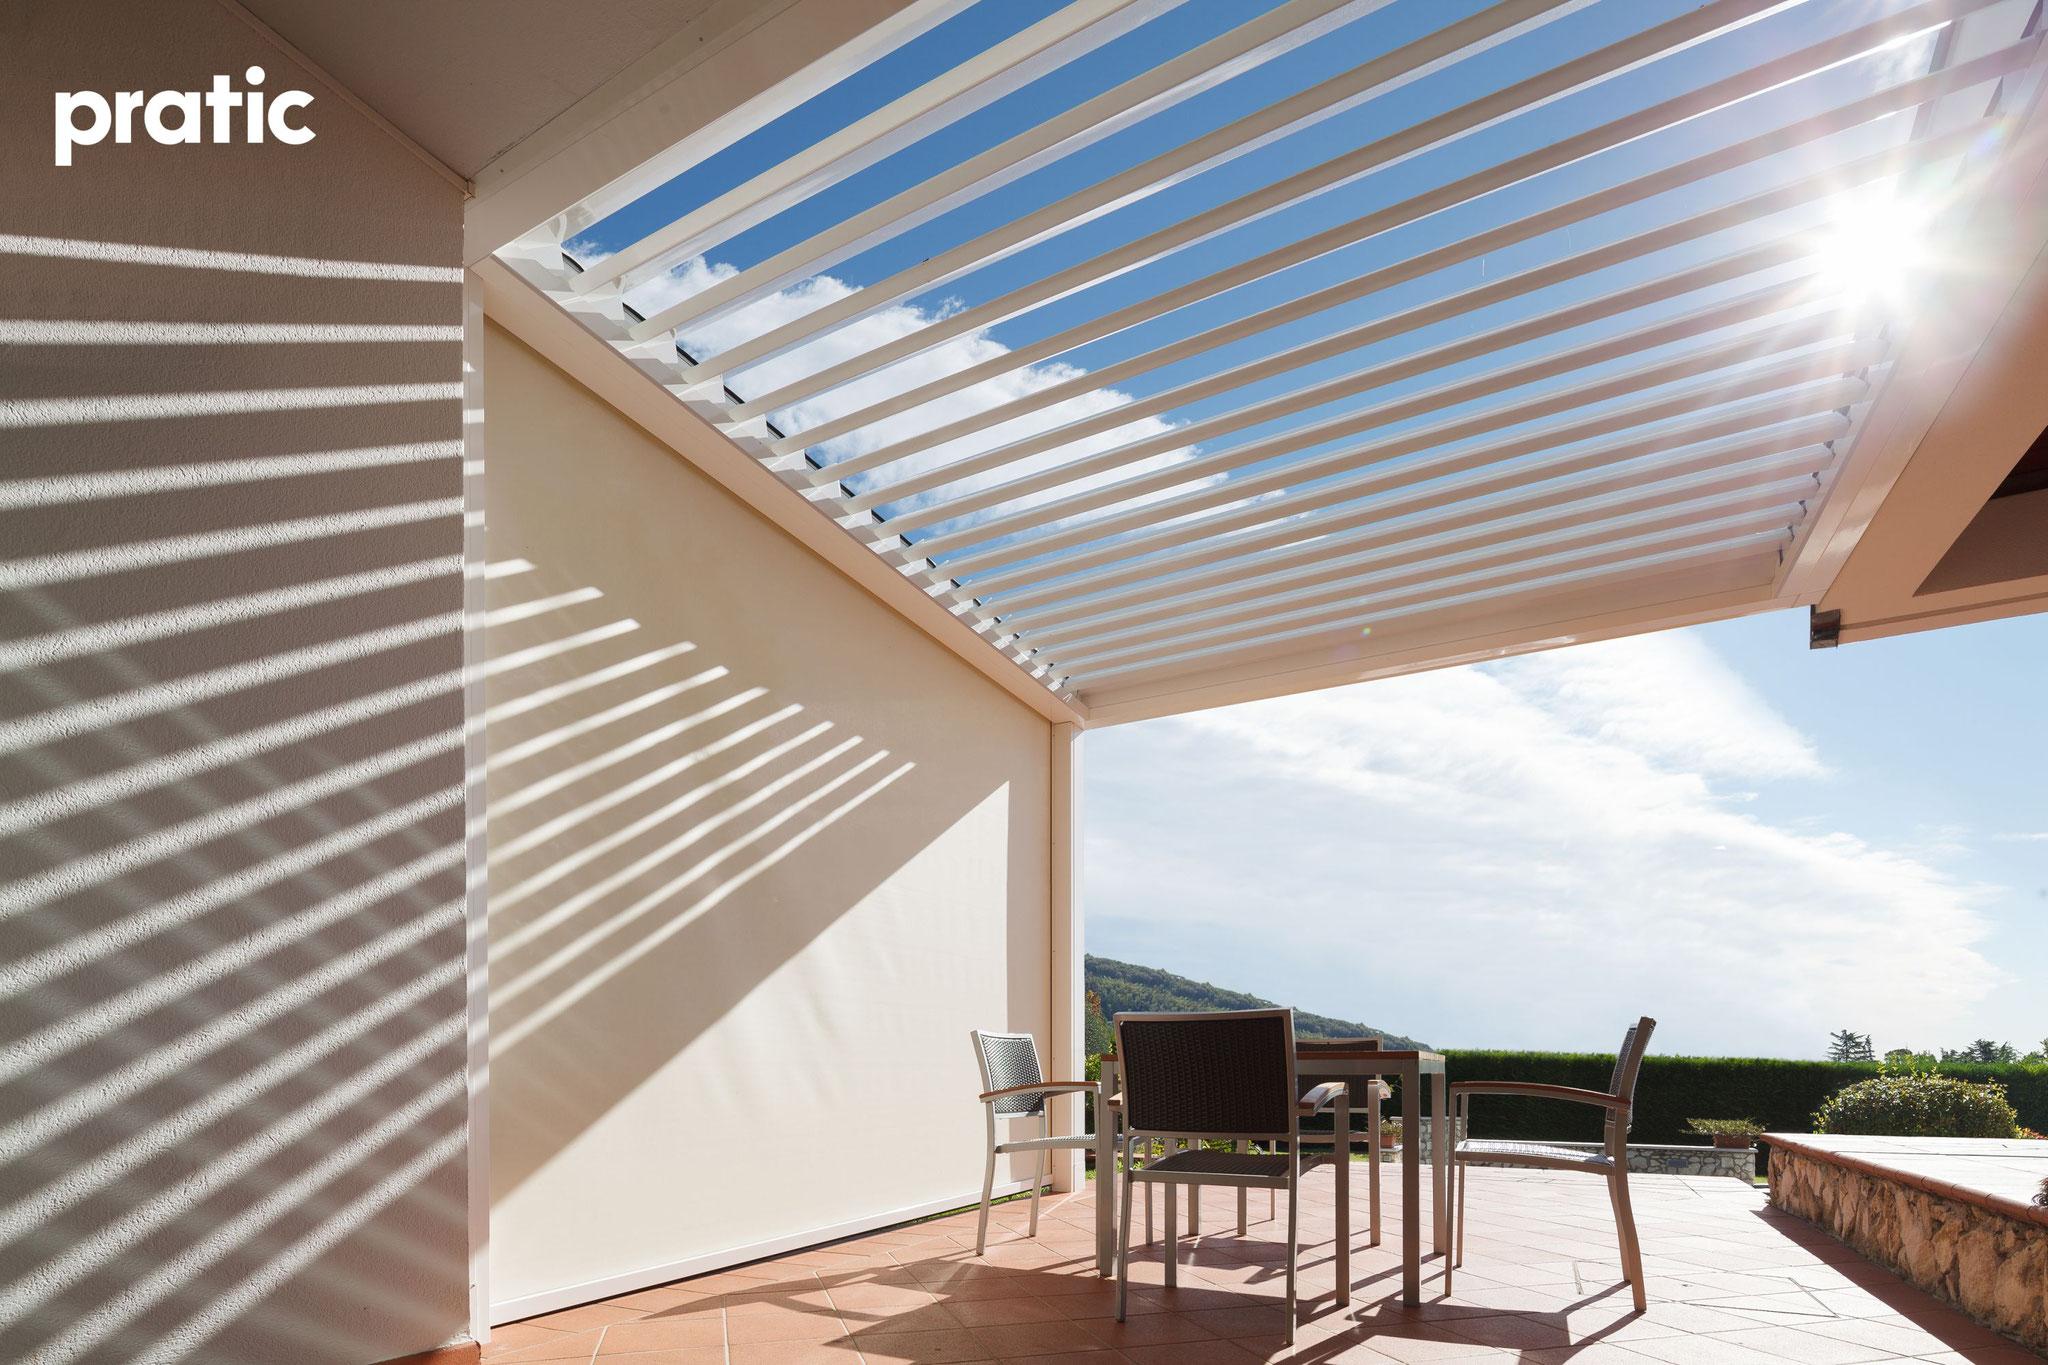 Bioklimatische Pergola für Sonnenschutz